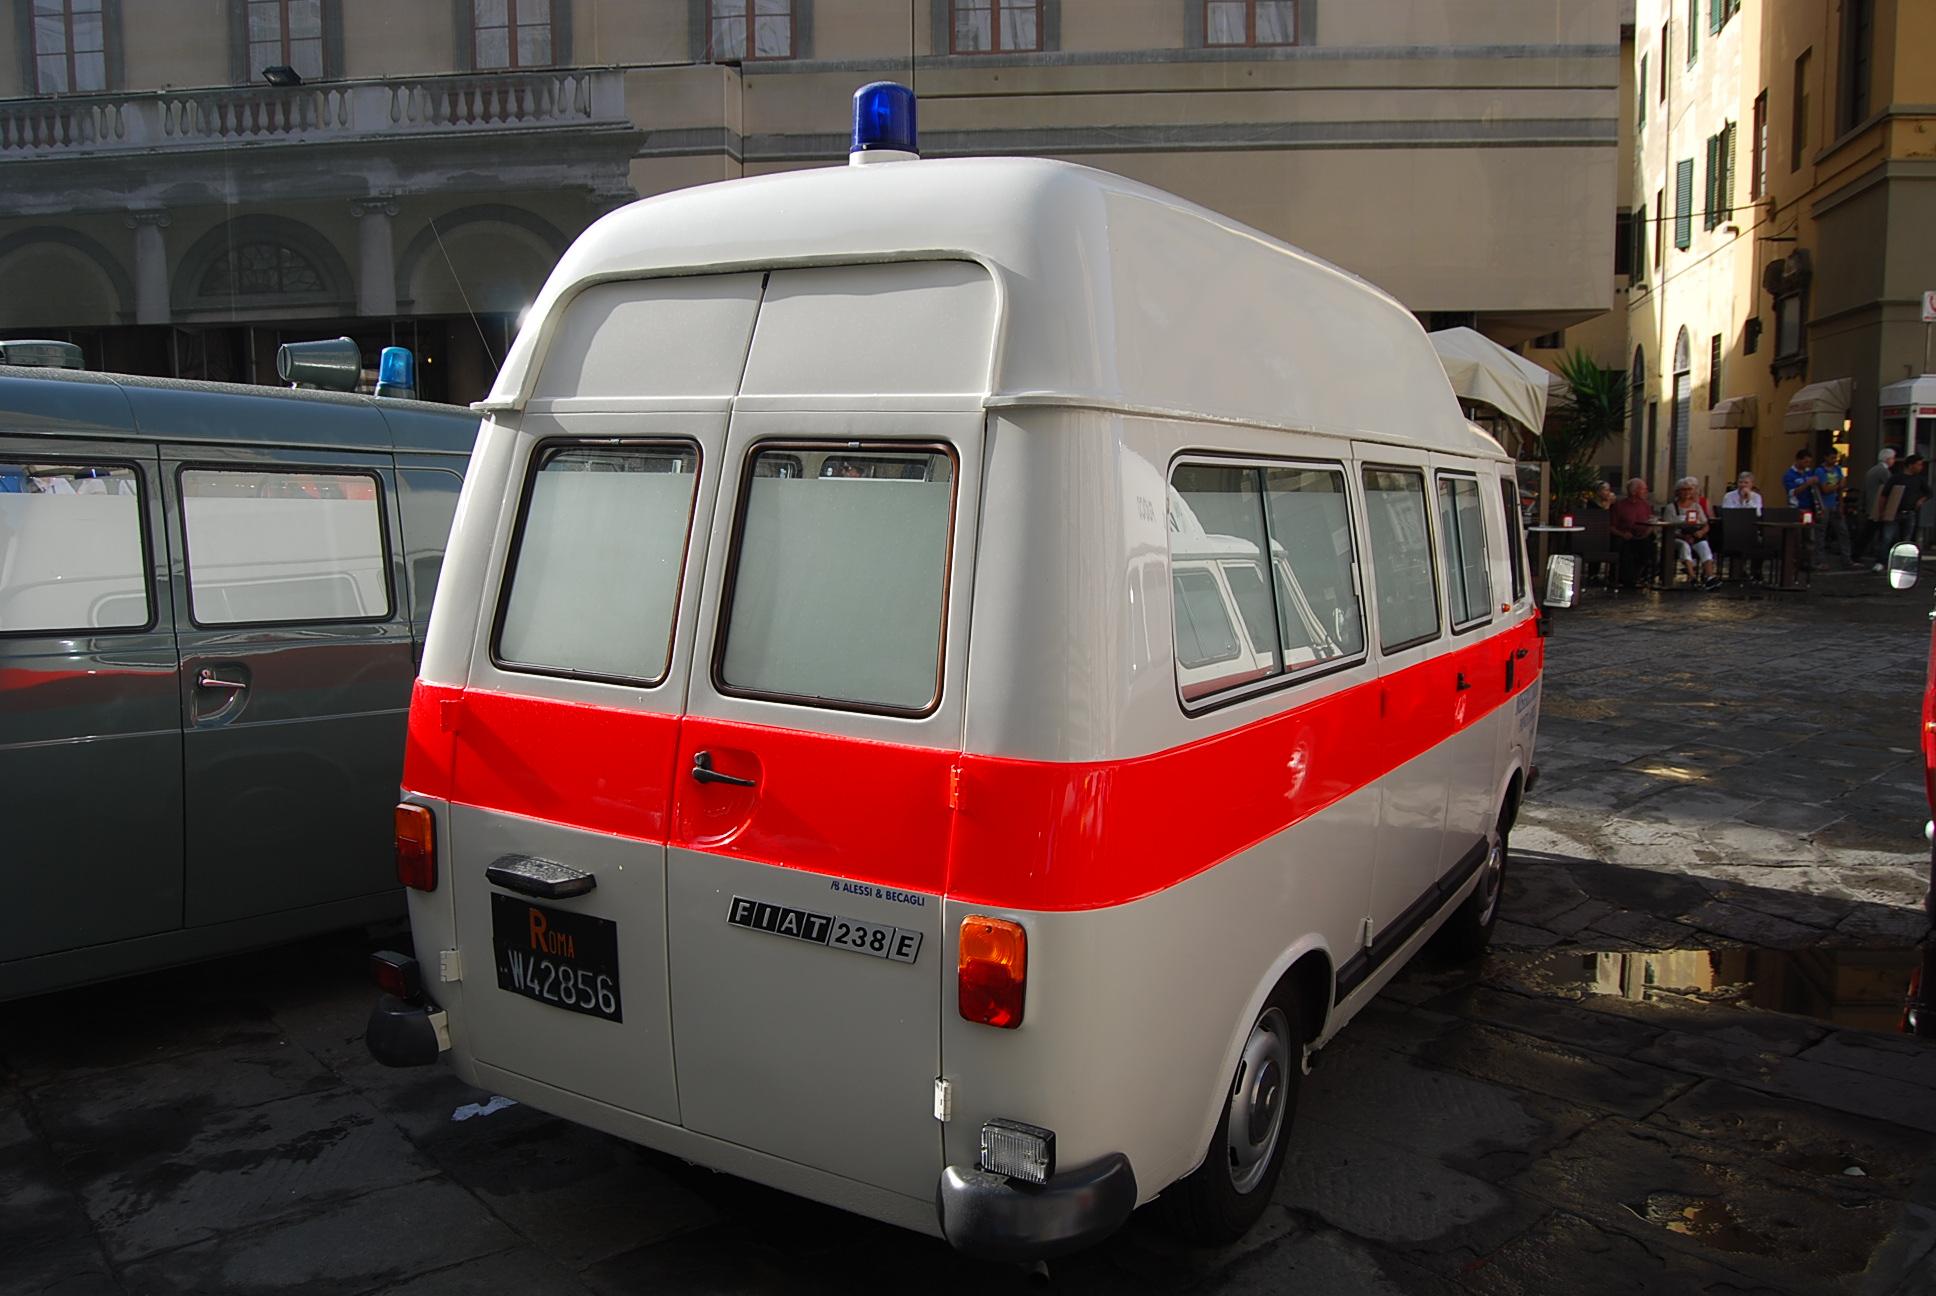 Foto 12: Fiat 238E in versione originale Fiat, ristrutturato come veicolo d'epoca